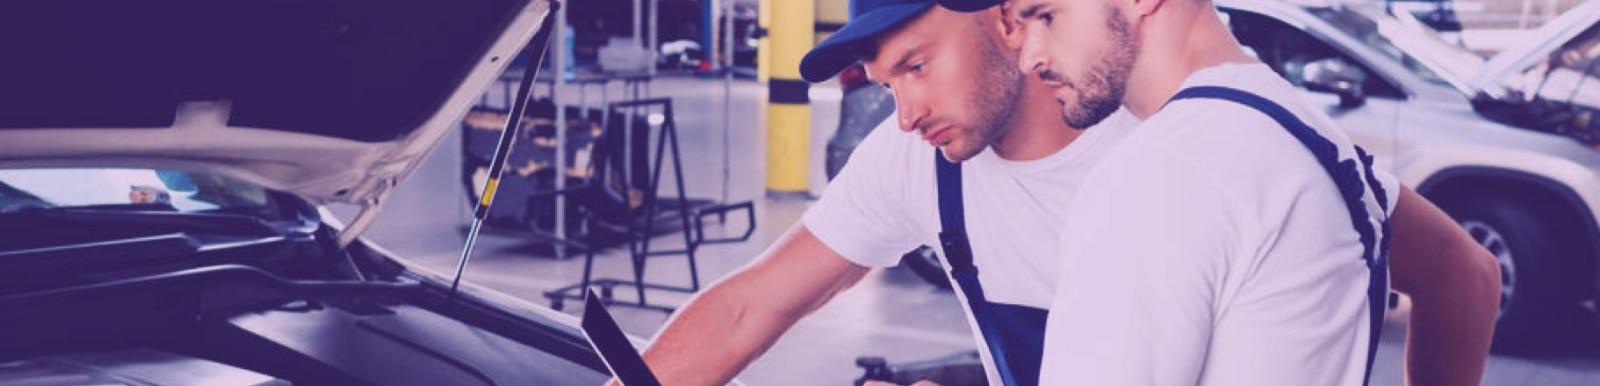 Garage de réparation automobile Genève